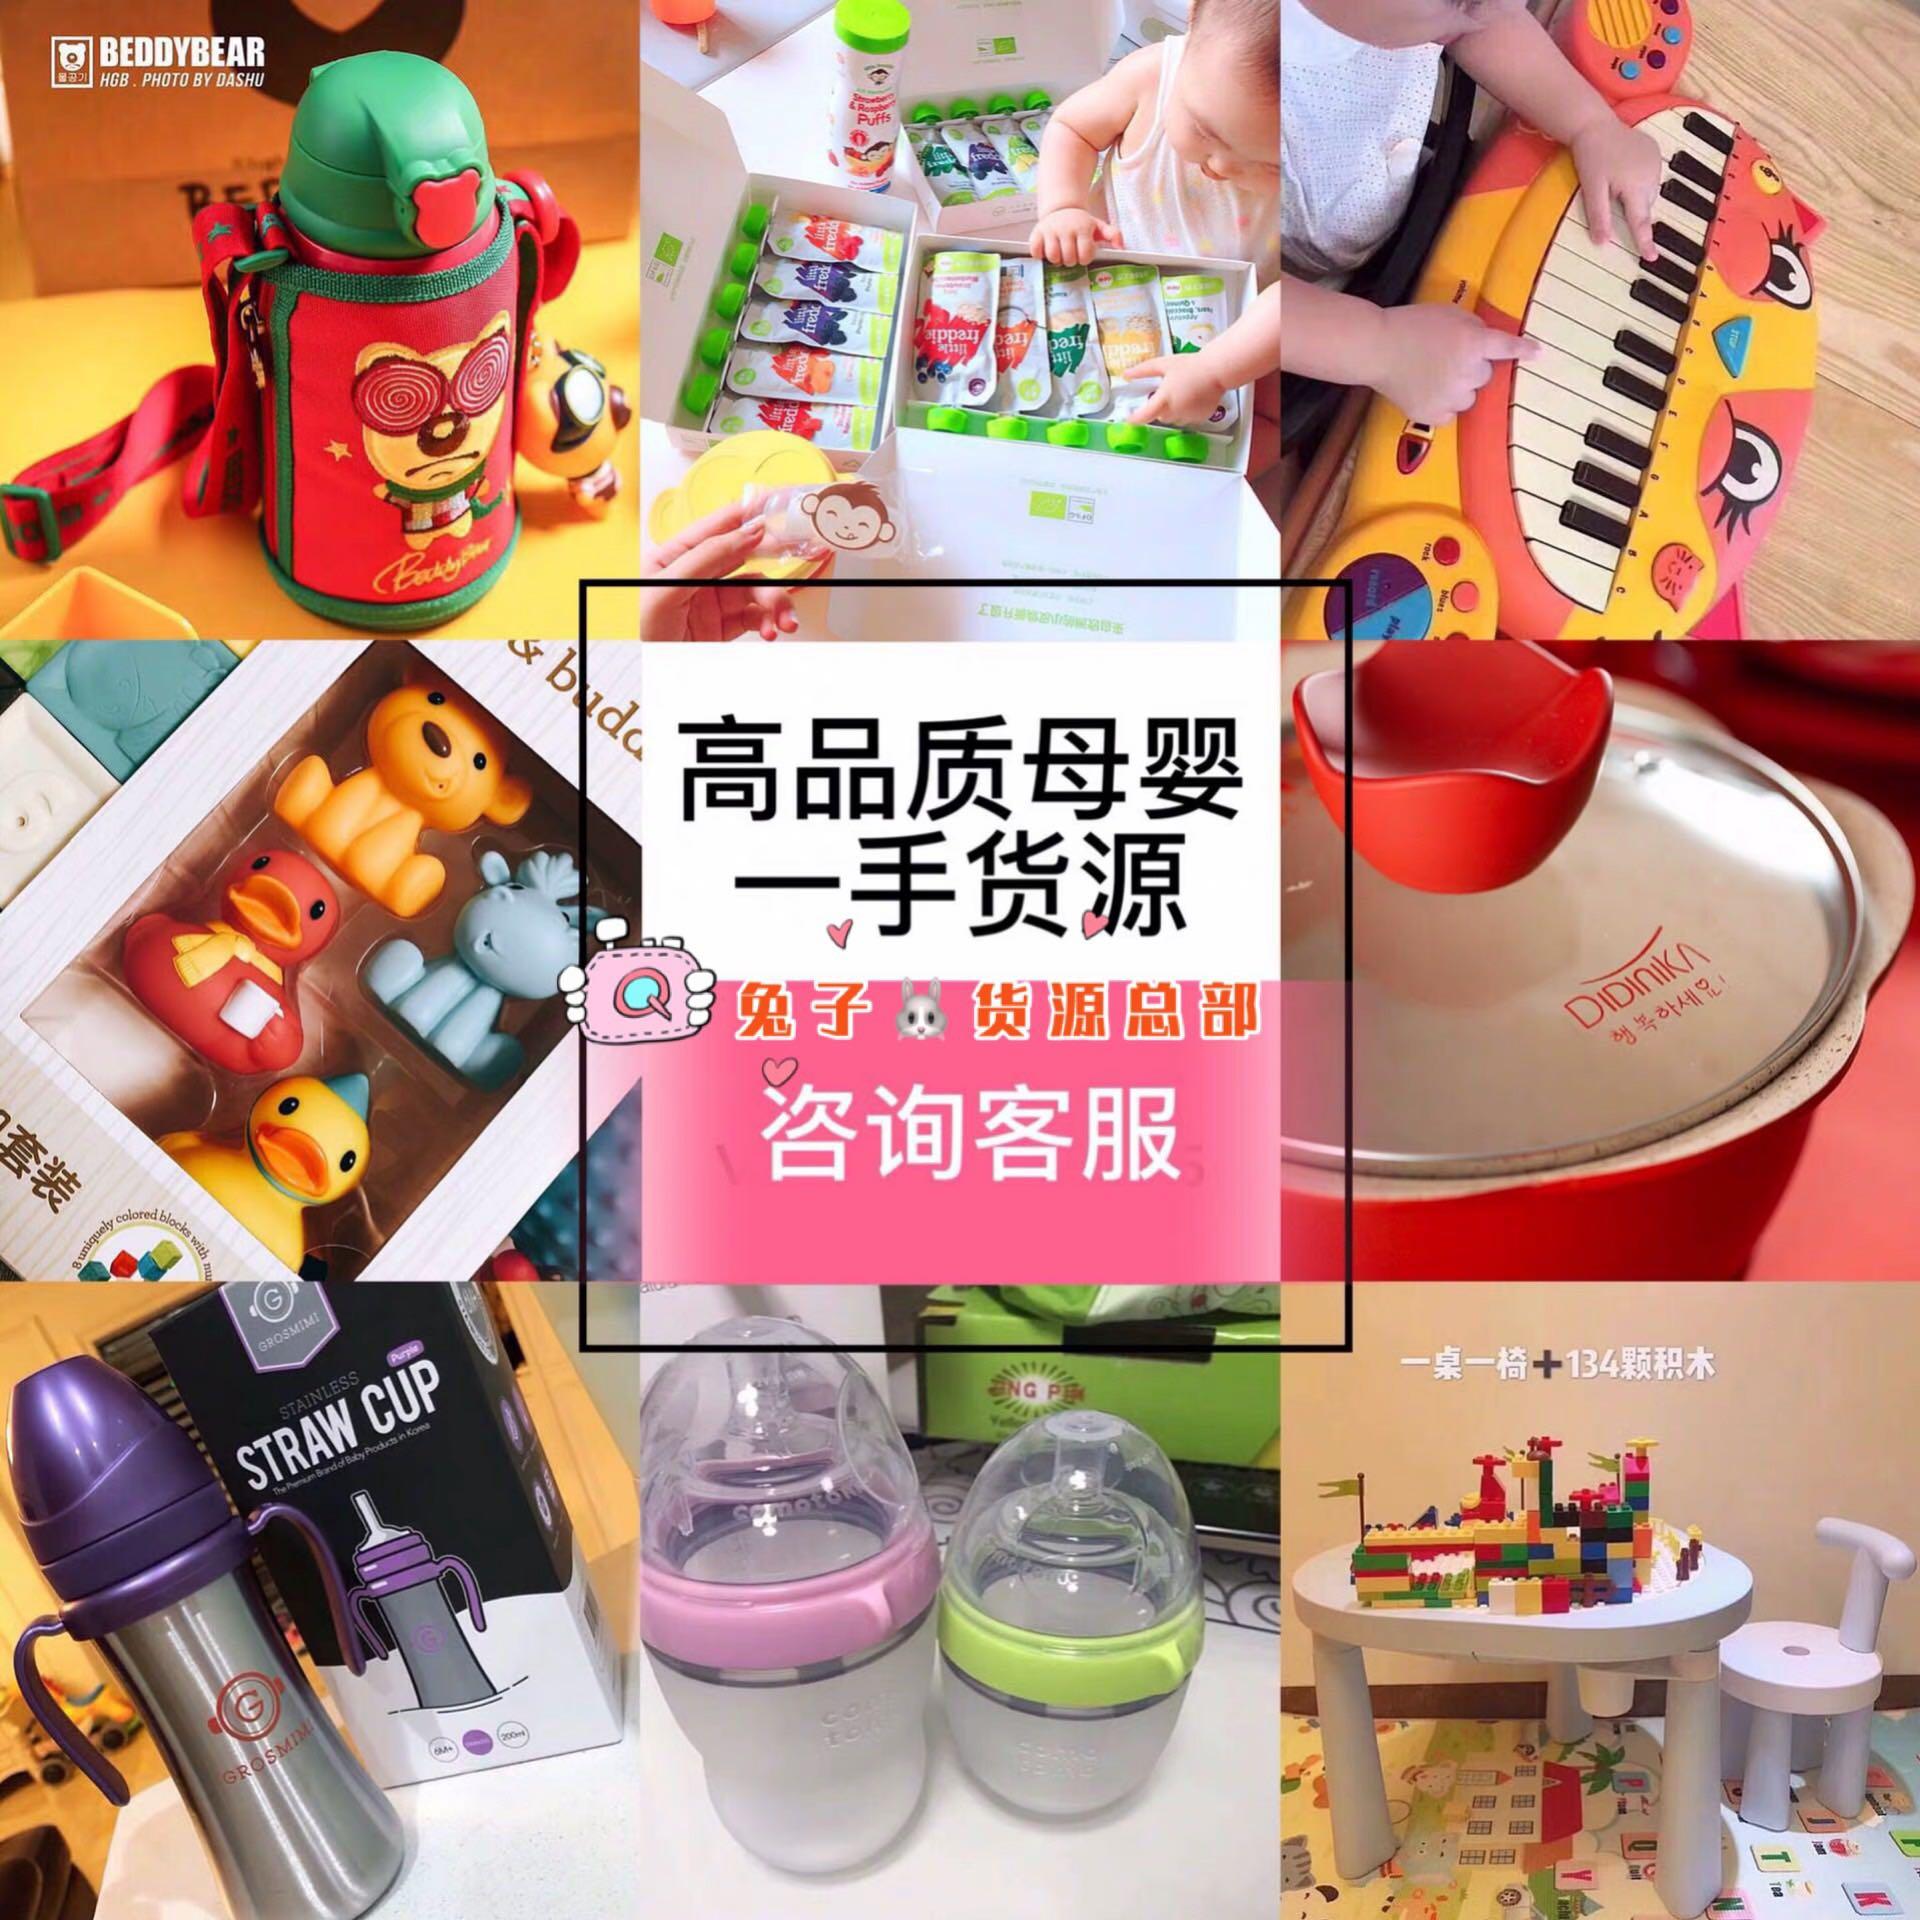 童装母婴用品童品玩具各大品牌厂家一手货源代理一件代发